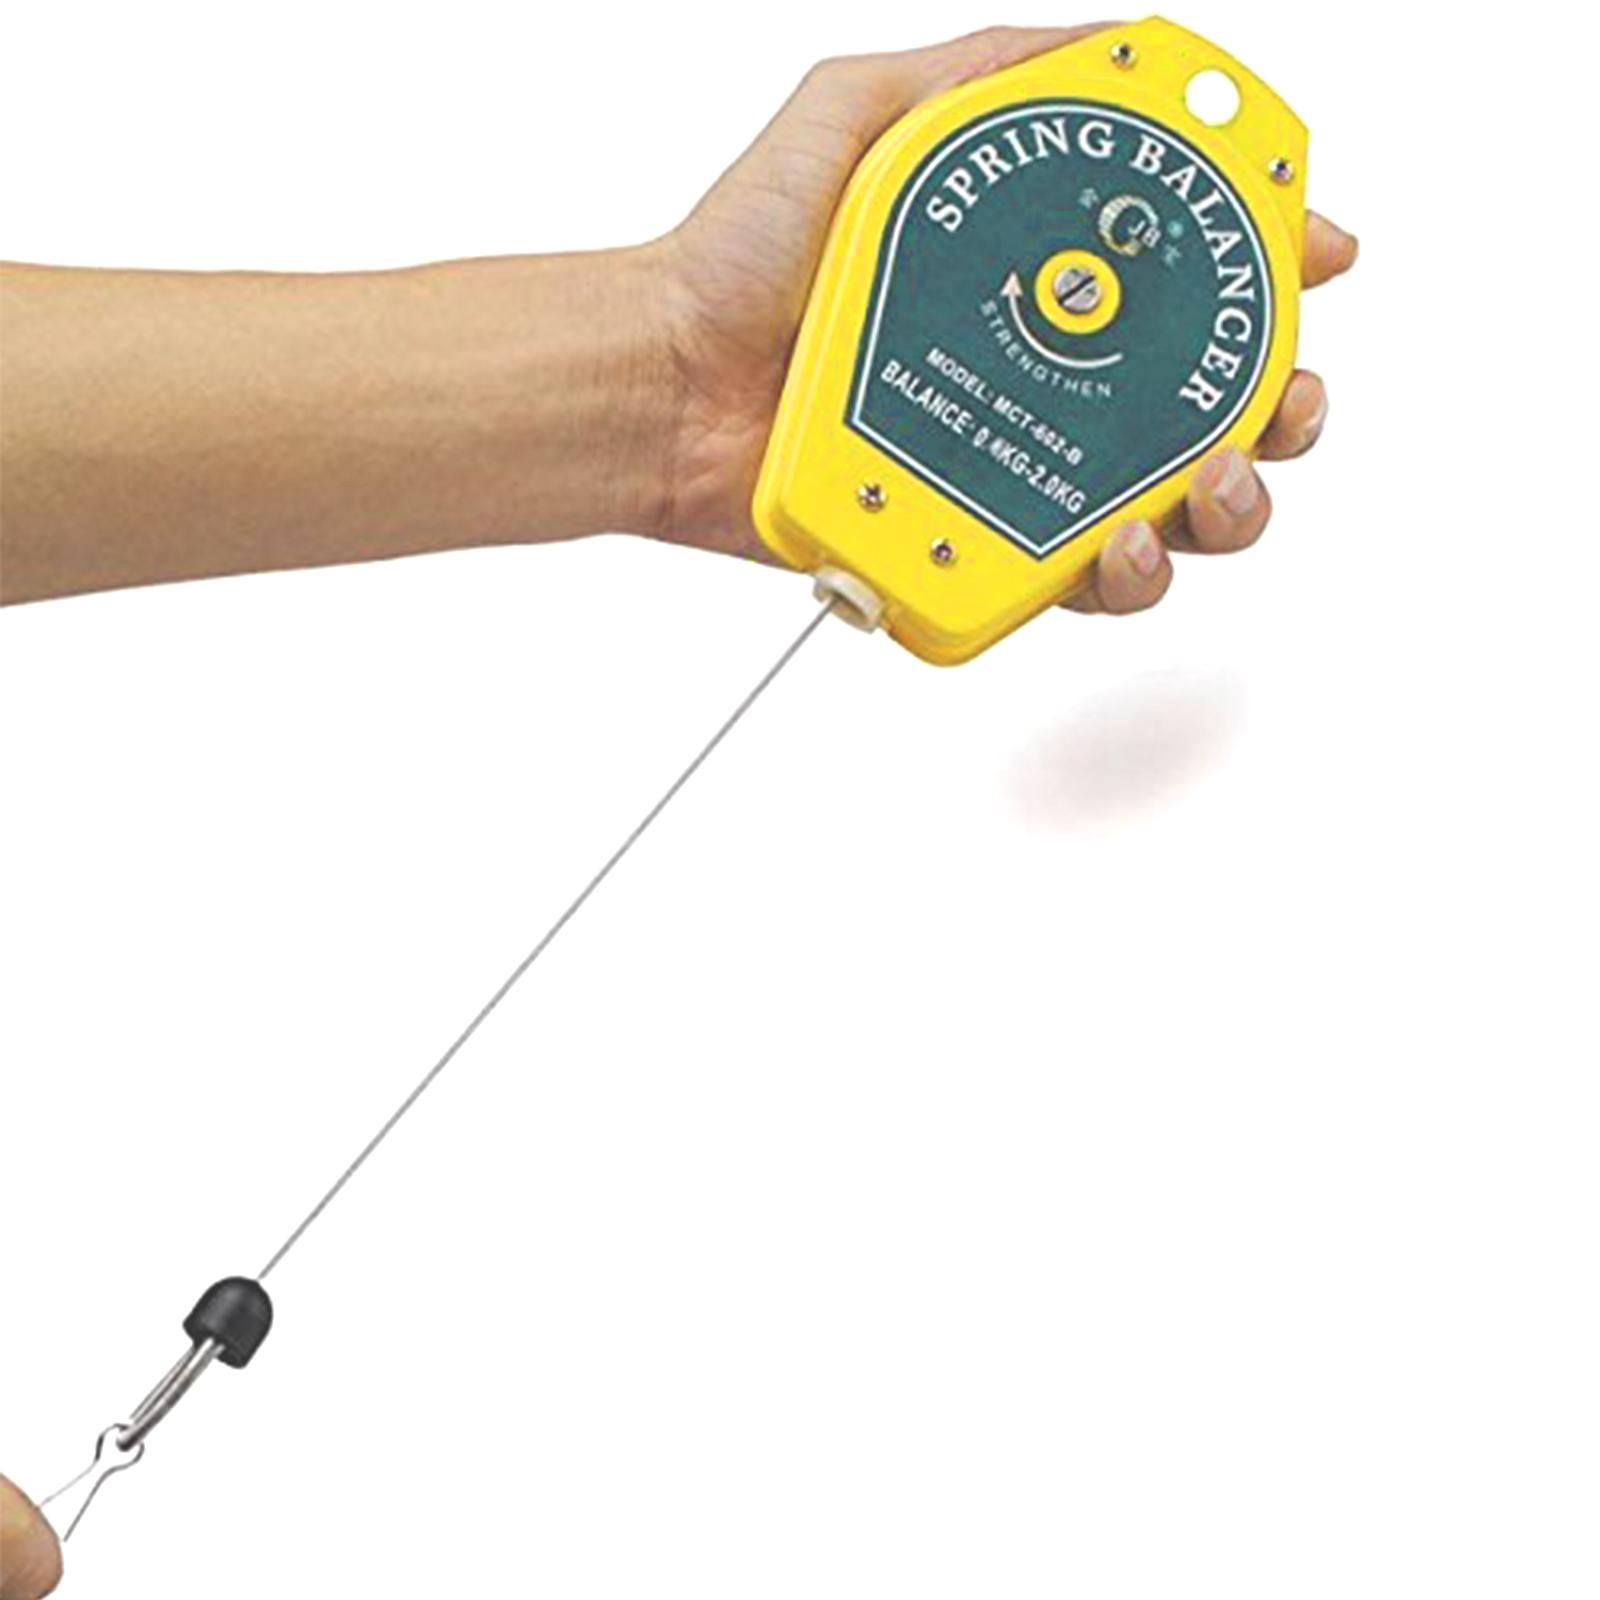 Retractable 0.6-2kg Range Spring Balancer Tool for Fixtures Holder Hanging